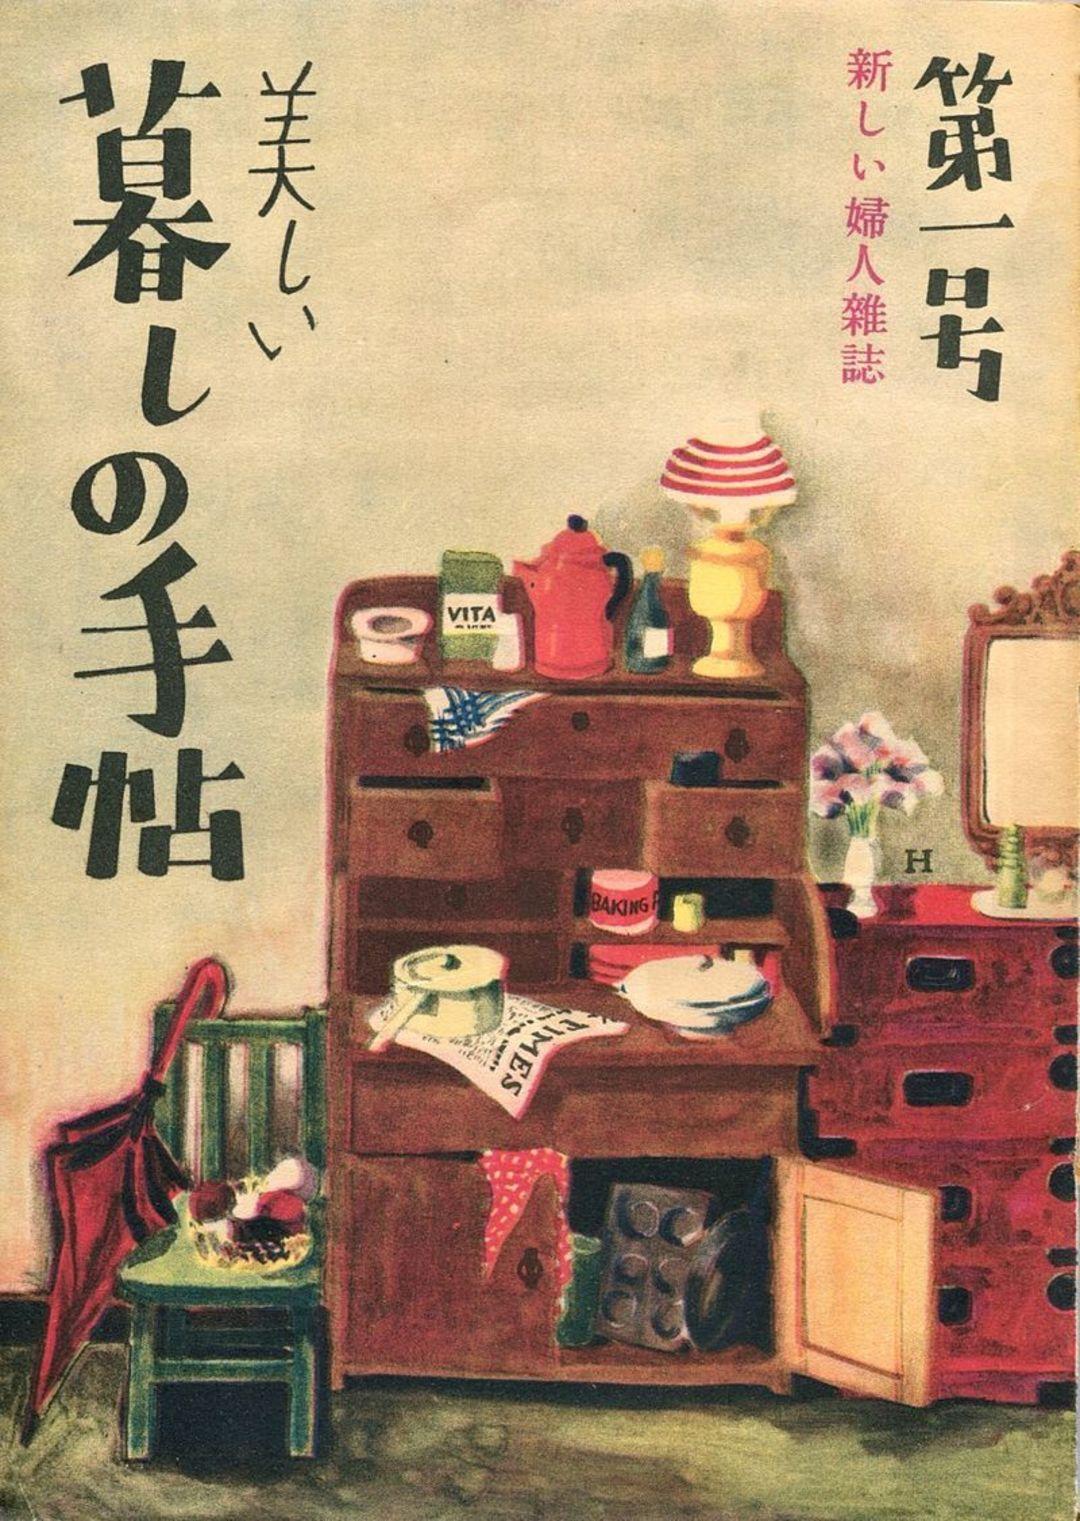 日本人推崇的 zakka,说的仅仅是生活杂货这么简单的事吗?_城市_好奇心日报